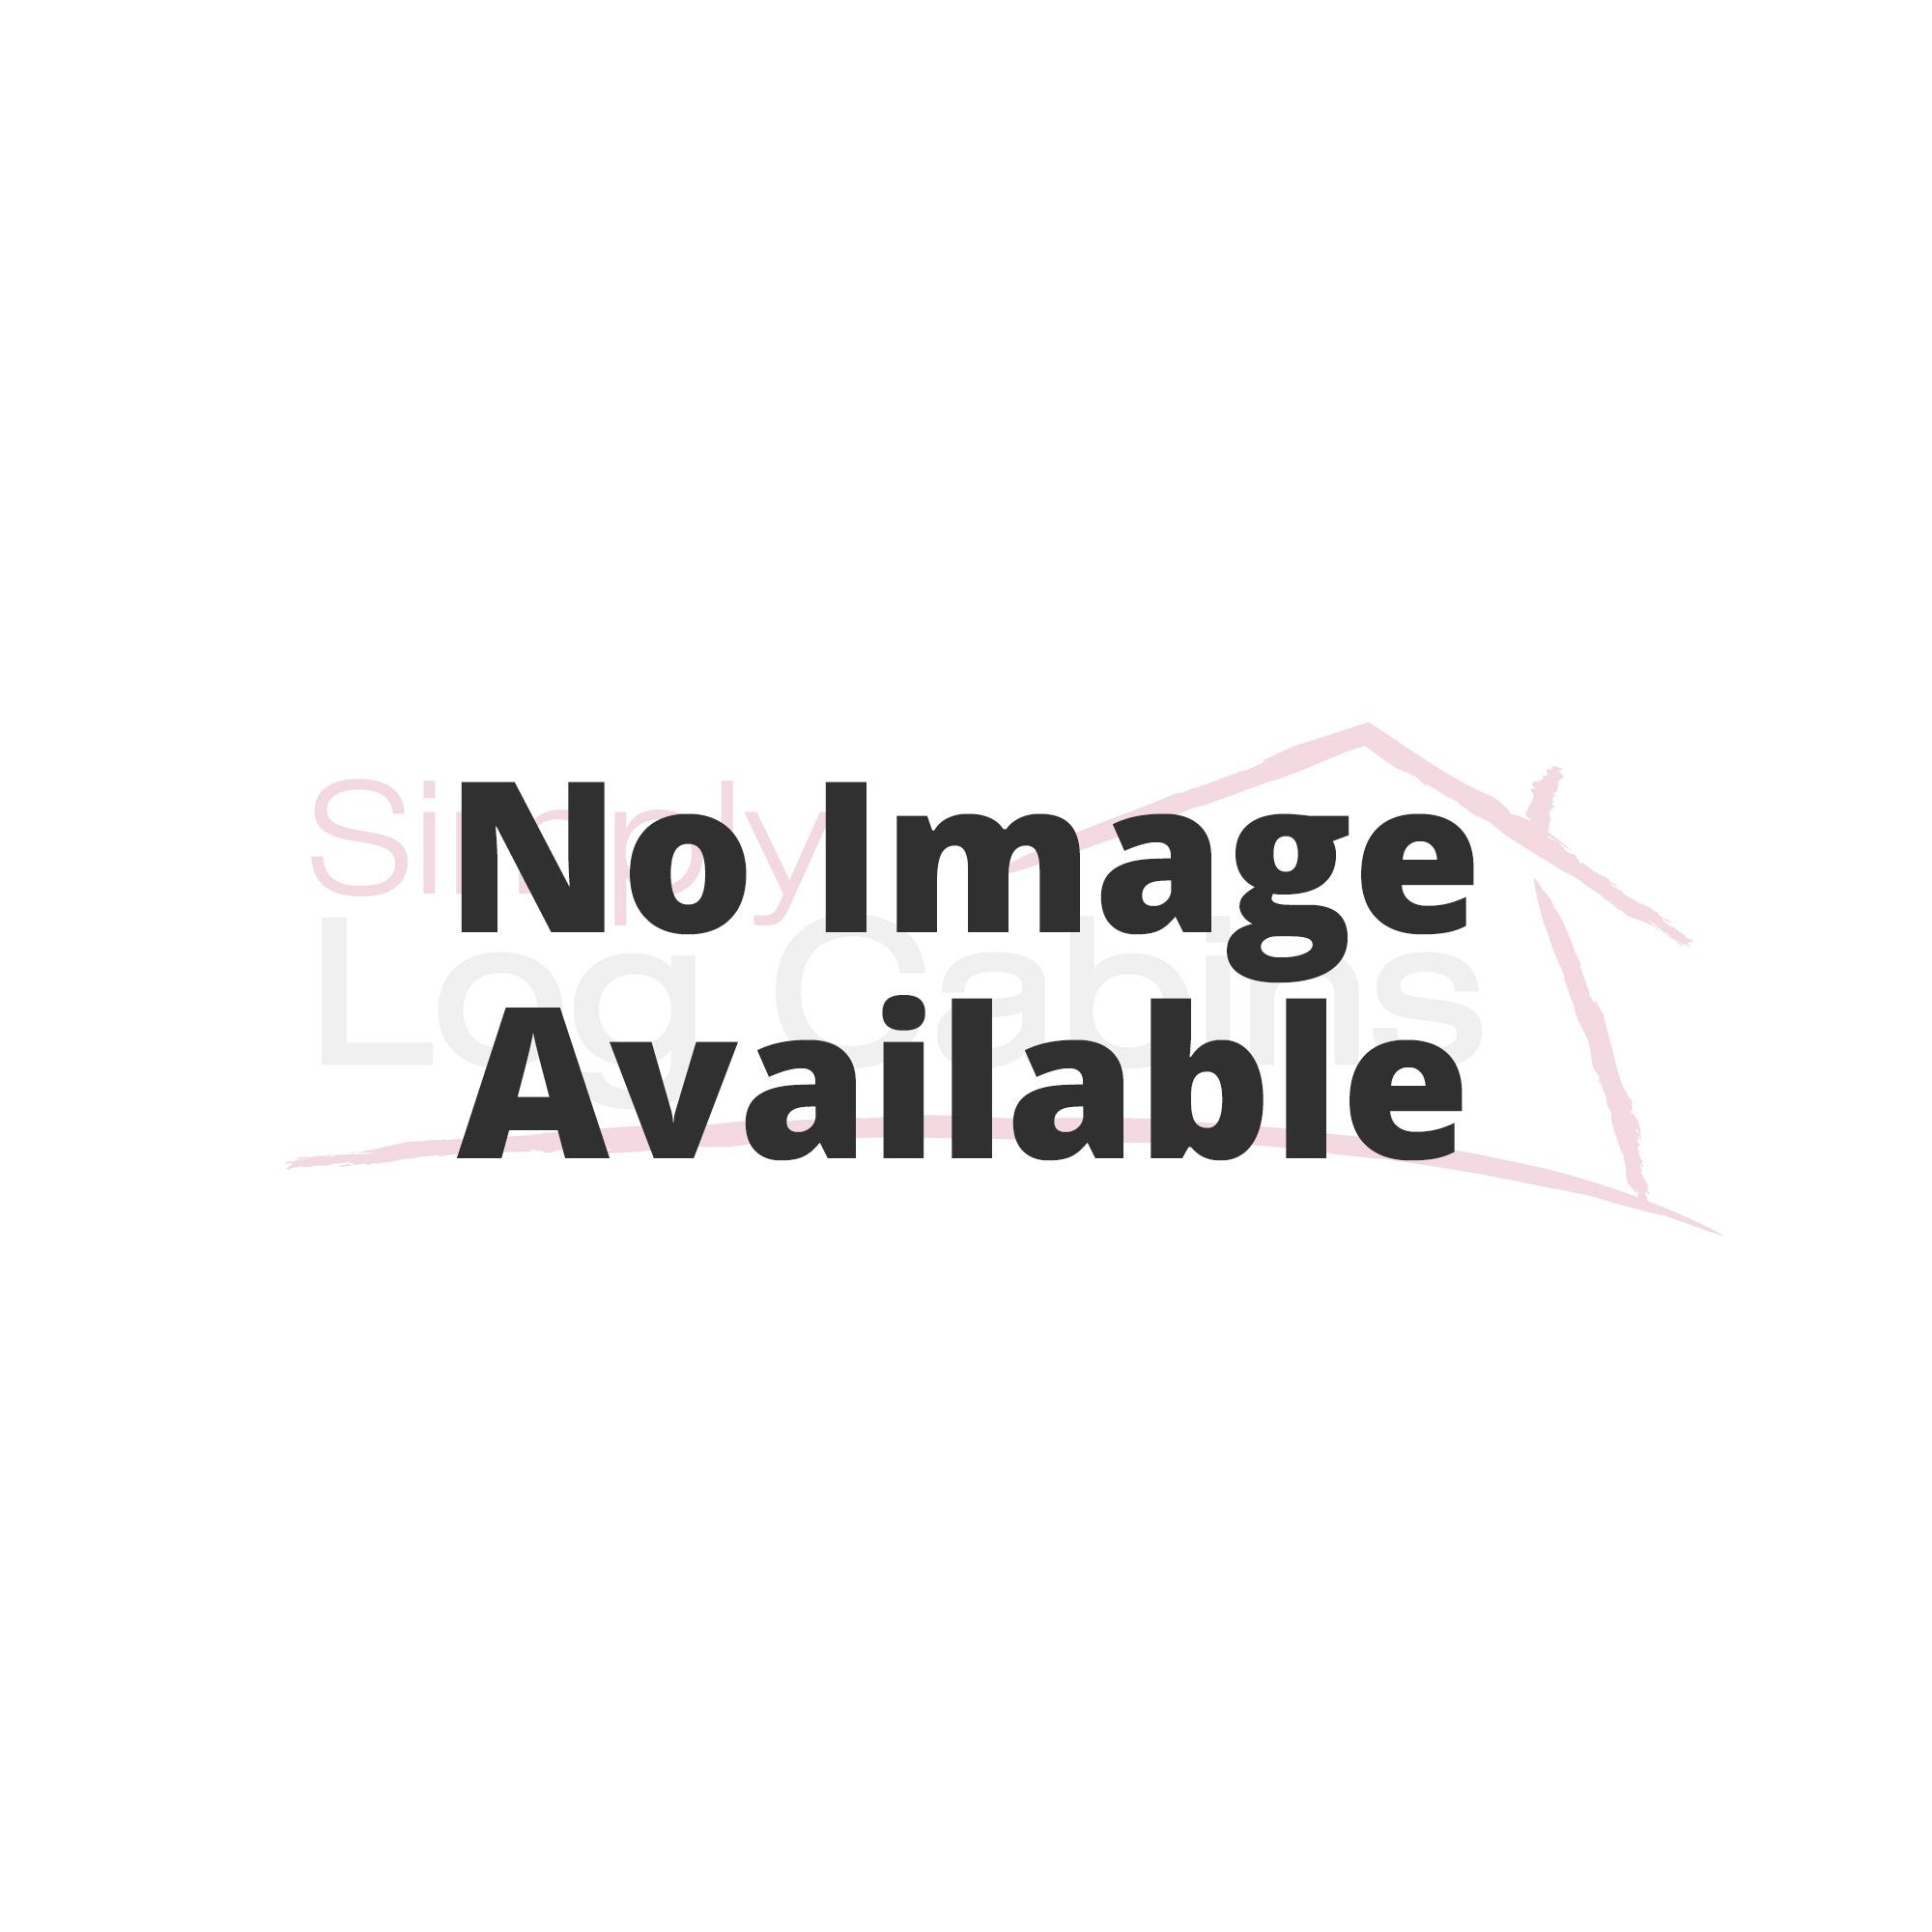 forest garden burford pavilion. Black Bedroom Furniture Sets. Home Design Ideas